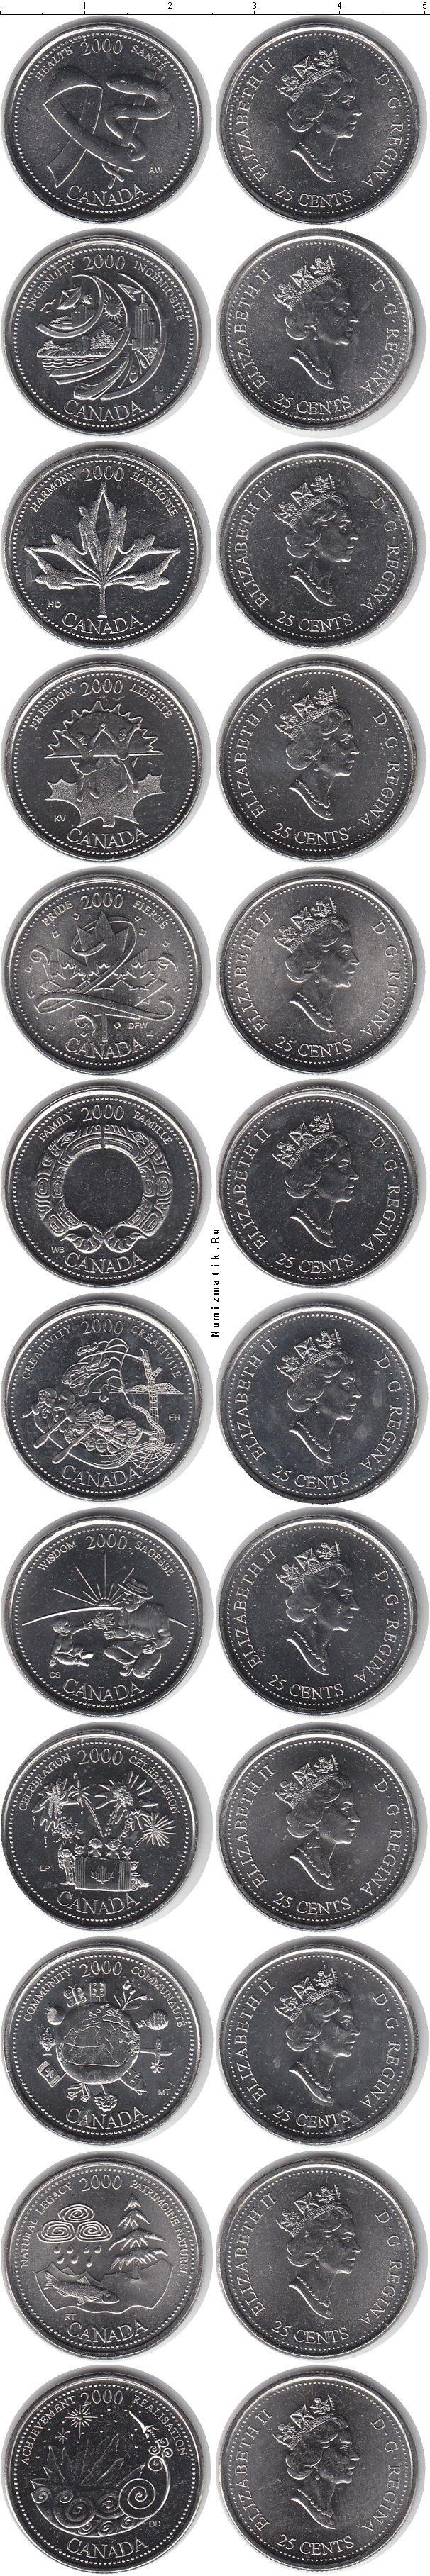 Каталог монет - Канада Канада-2000